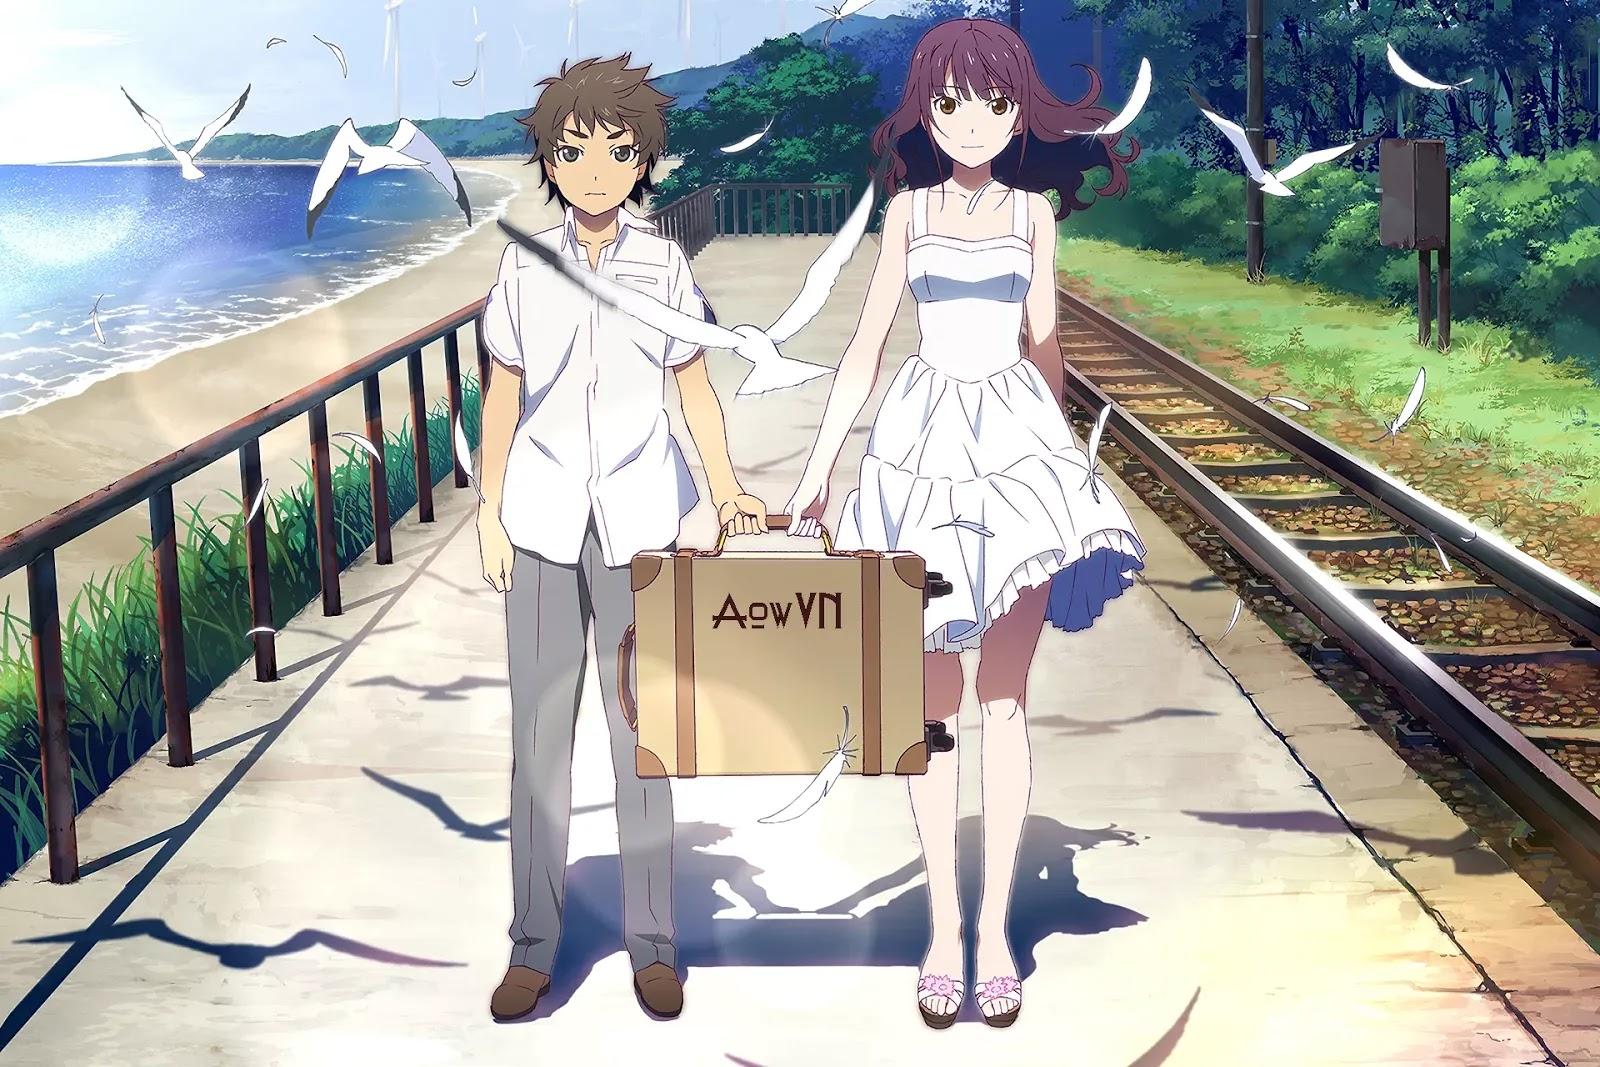 AowVN.org miz%2B%25281%2529 - [ Anime 3gp Mp4 ] Uchiage Hanabi Shita Kara Miru ka? Yoko Kara Miru ka? HD | Vietsub